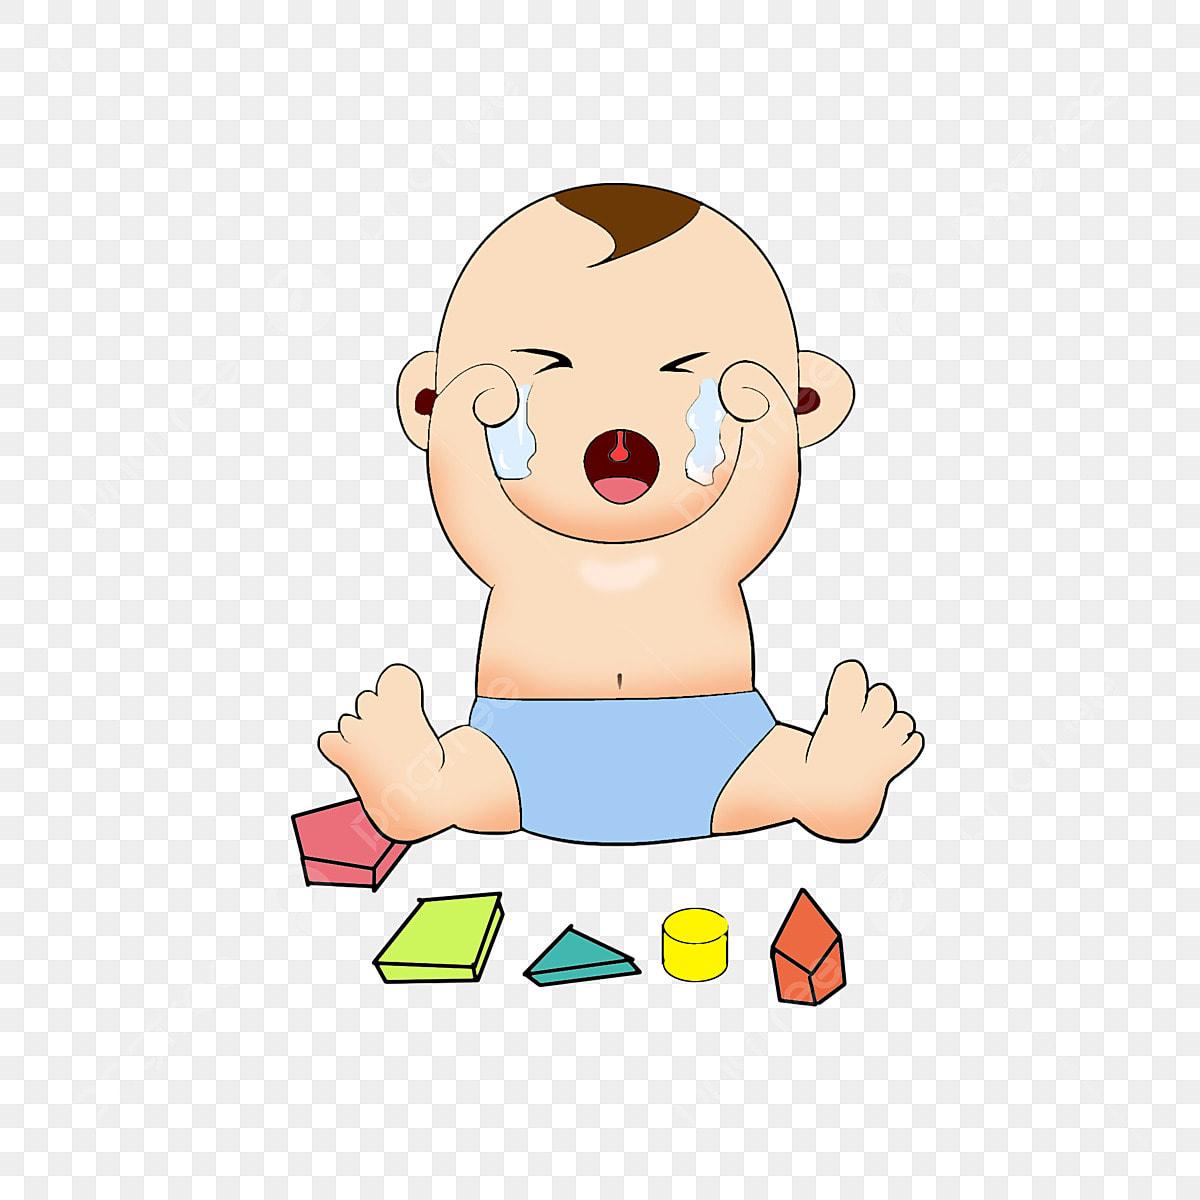 Gambar Sedih Wow Menangis Kartun Bayi Versi Q Kesuburan Watak Kartun Penyusuan Susu Ibu Png Dan Psd Untuk Muat Turun Percuma